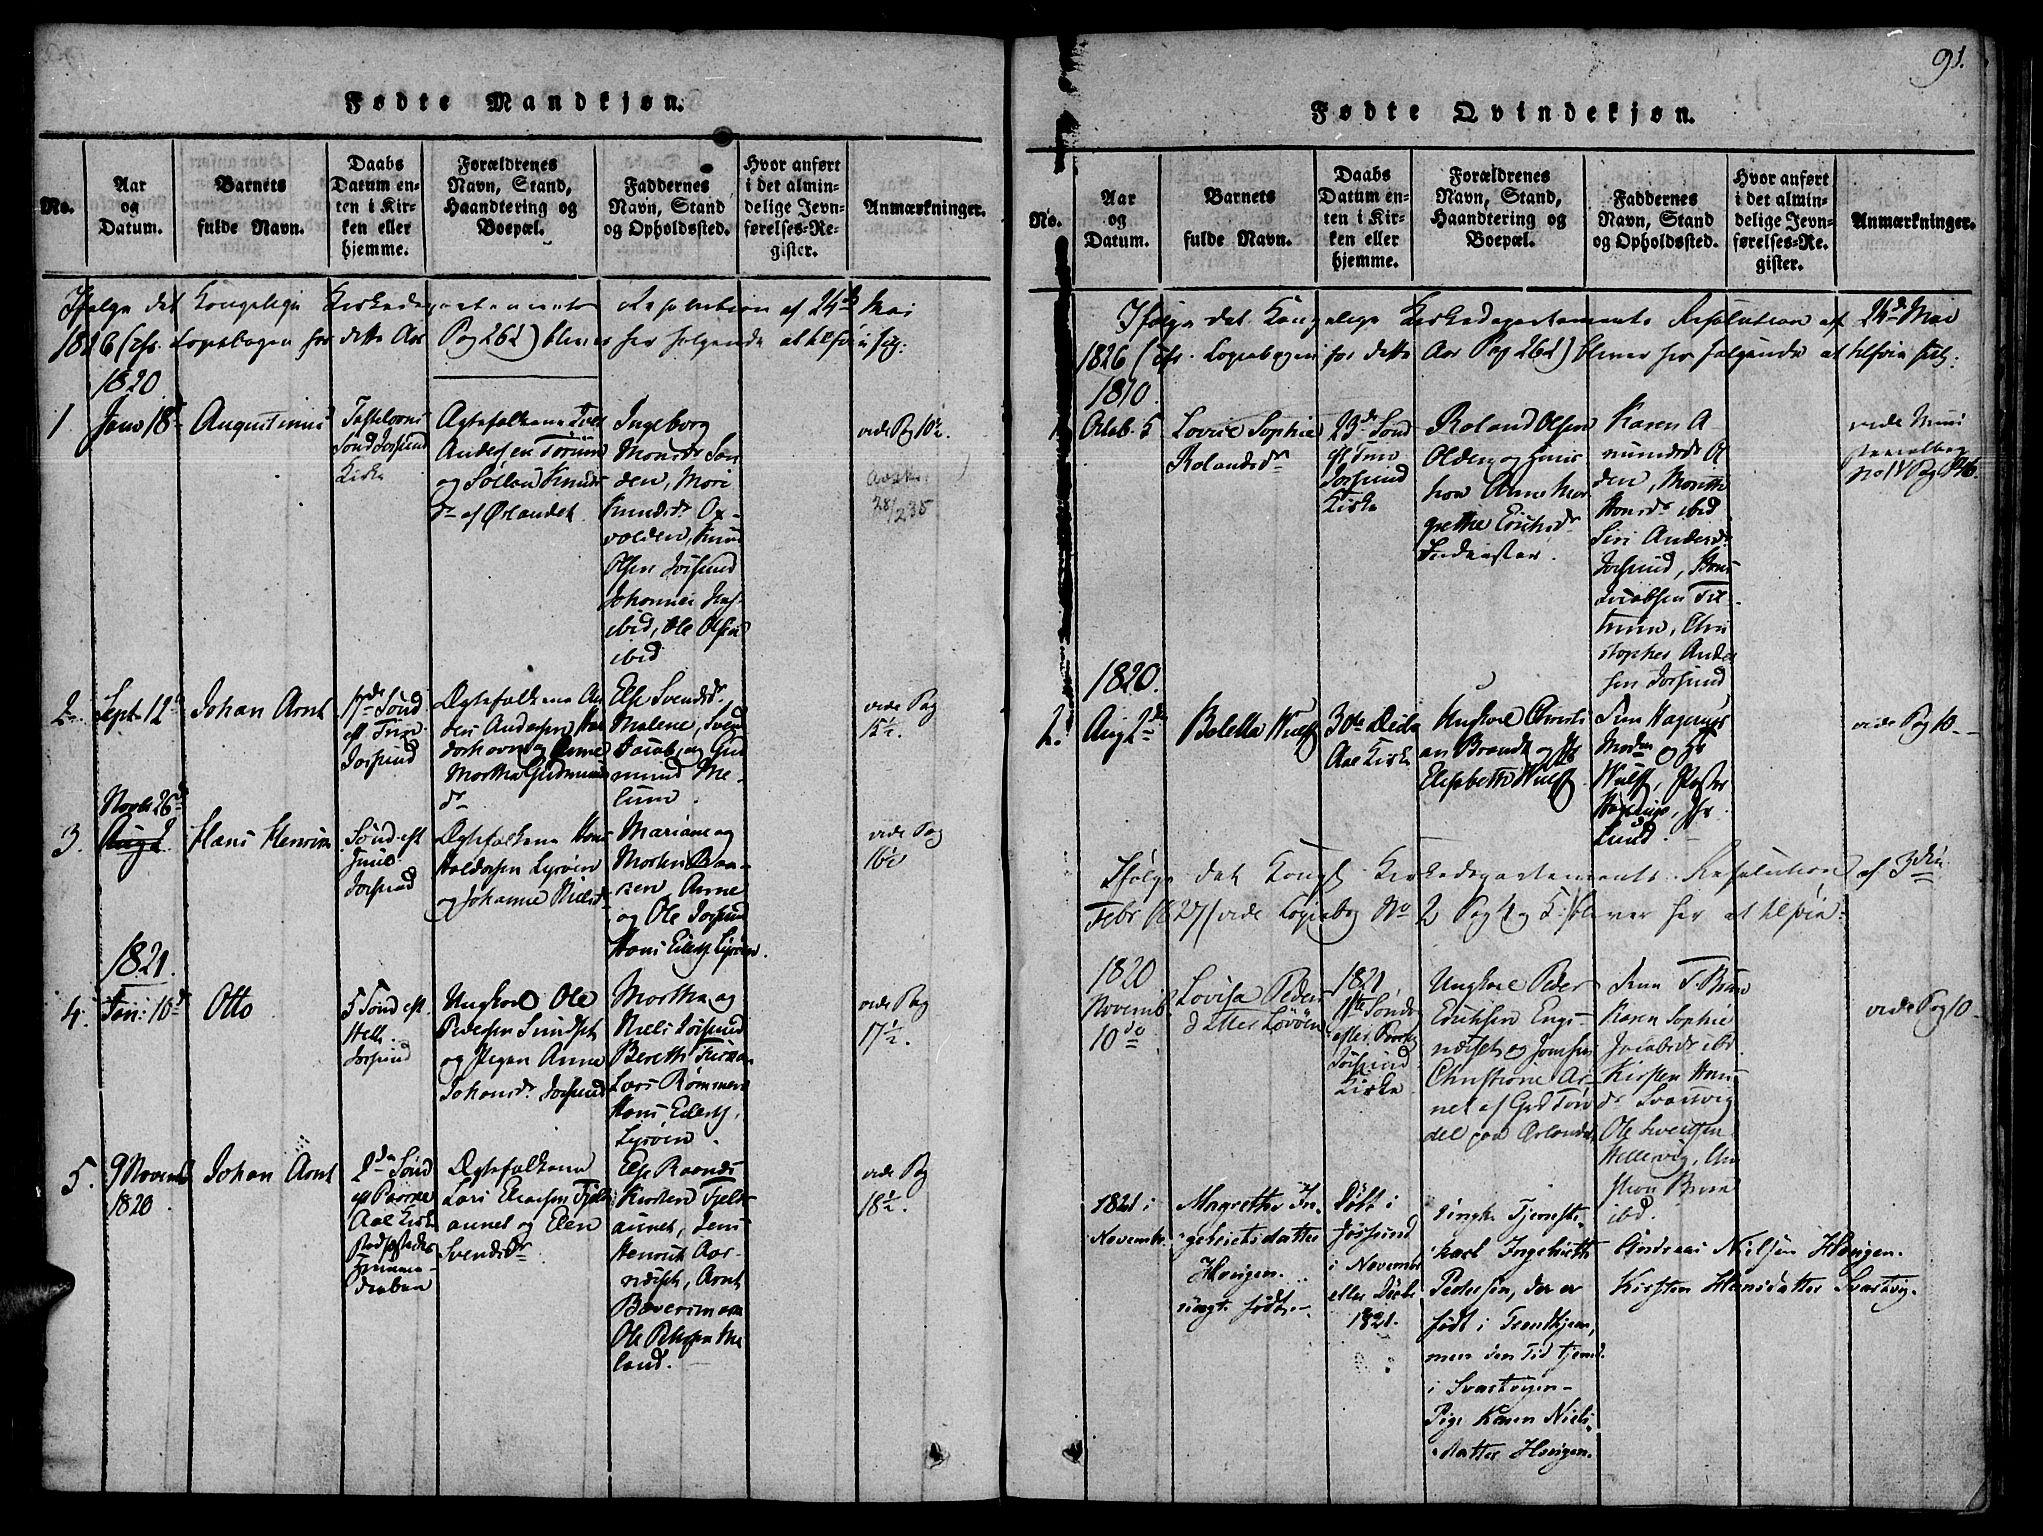 SAT, Ministerialprotokoller, klokkerbøker og fødselsregistre - Sør-Trøndelag, 655/L0675: Ministerialbok nr. 655A04, 1818-1830, s. 91